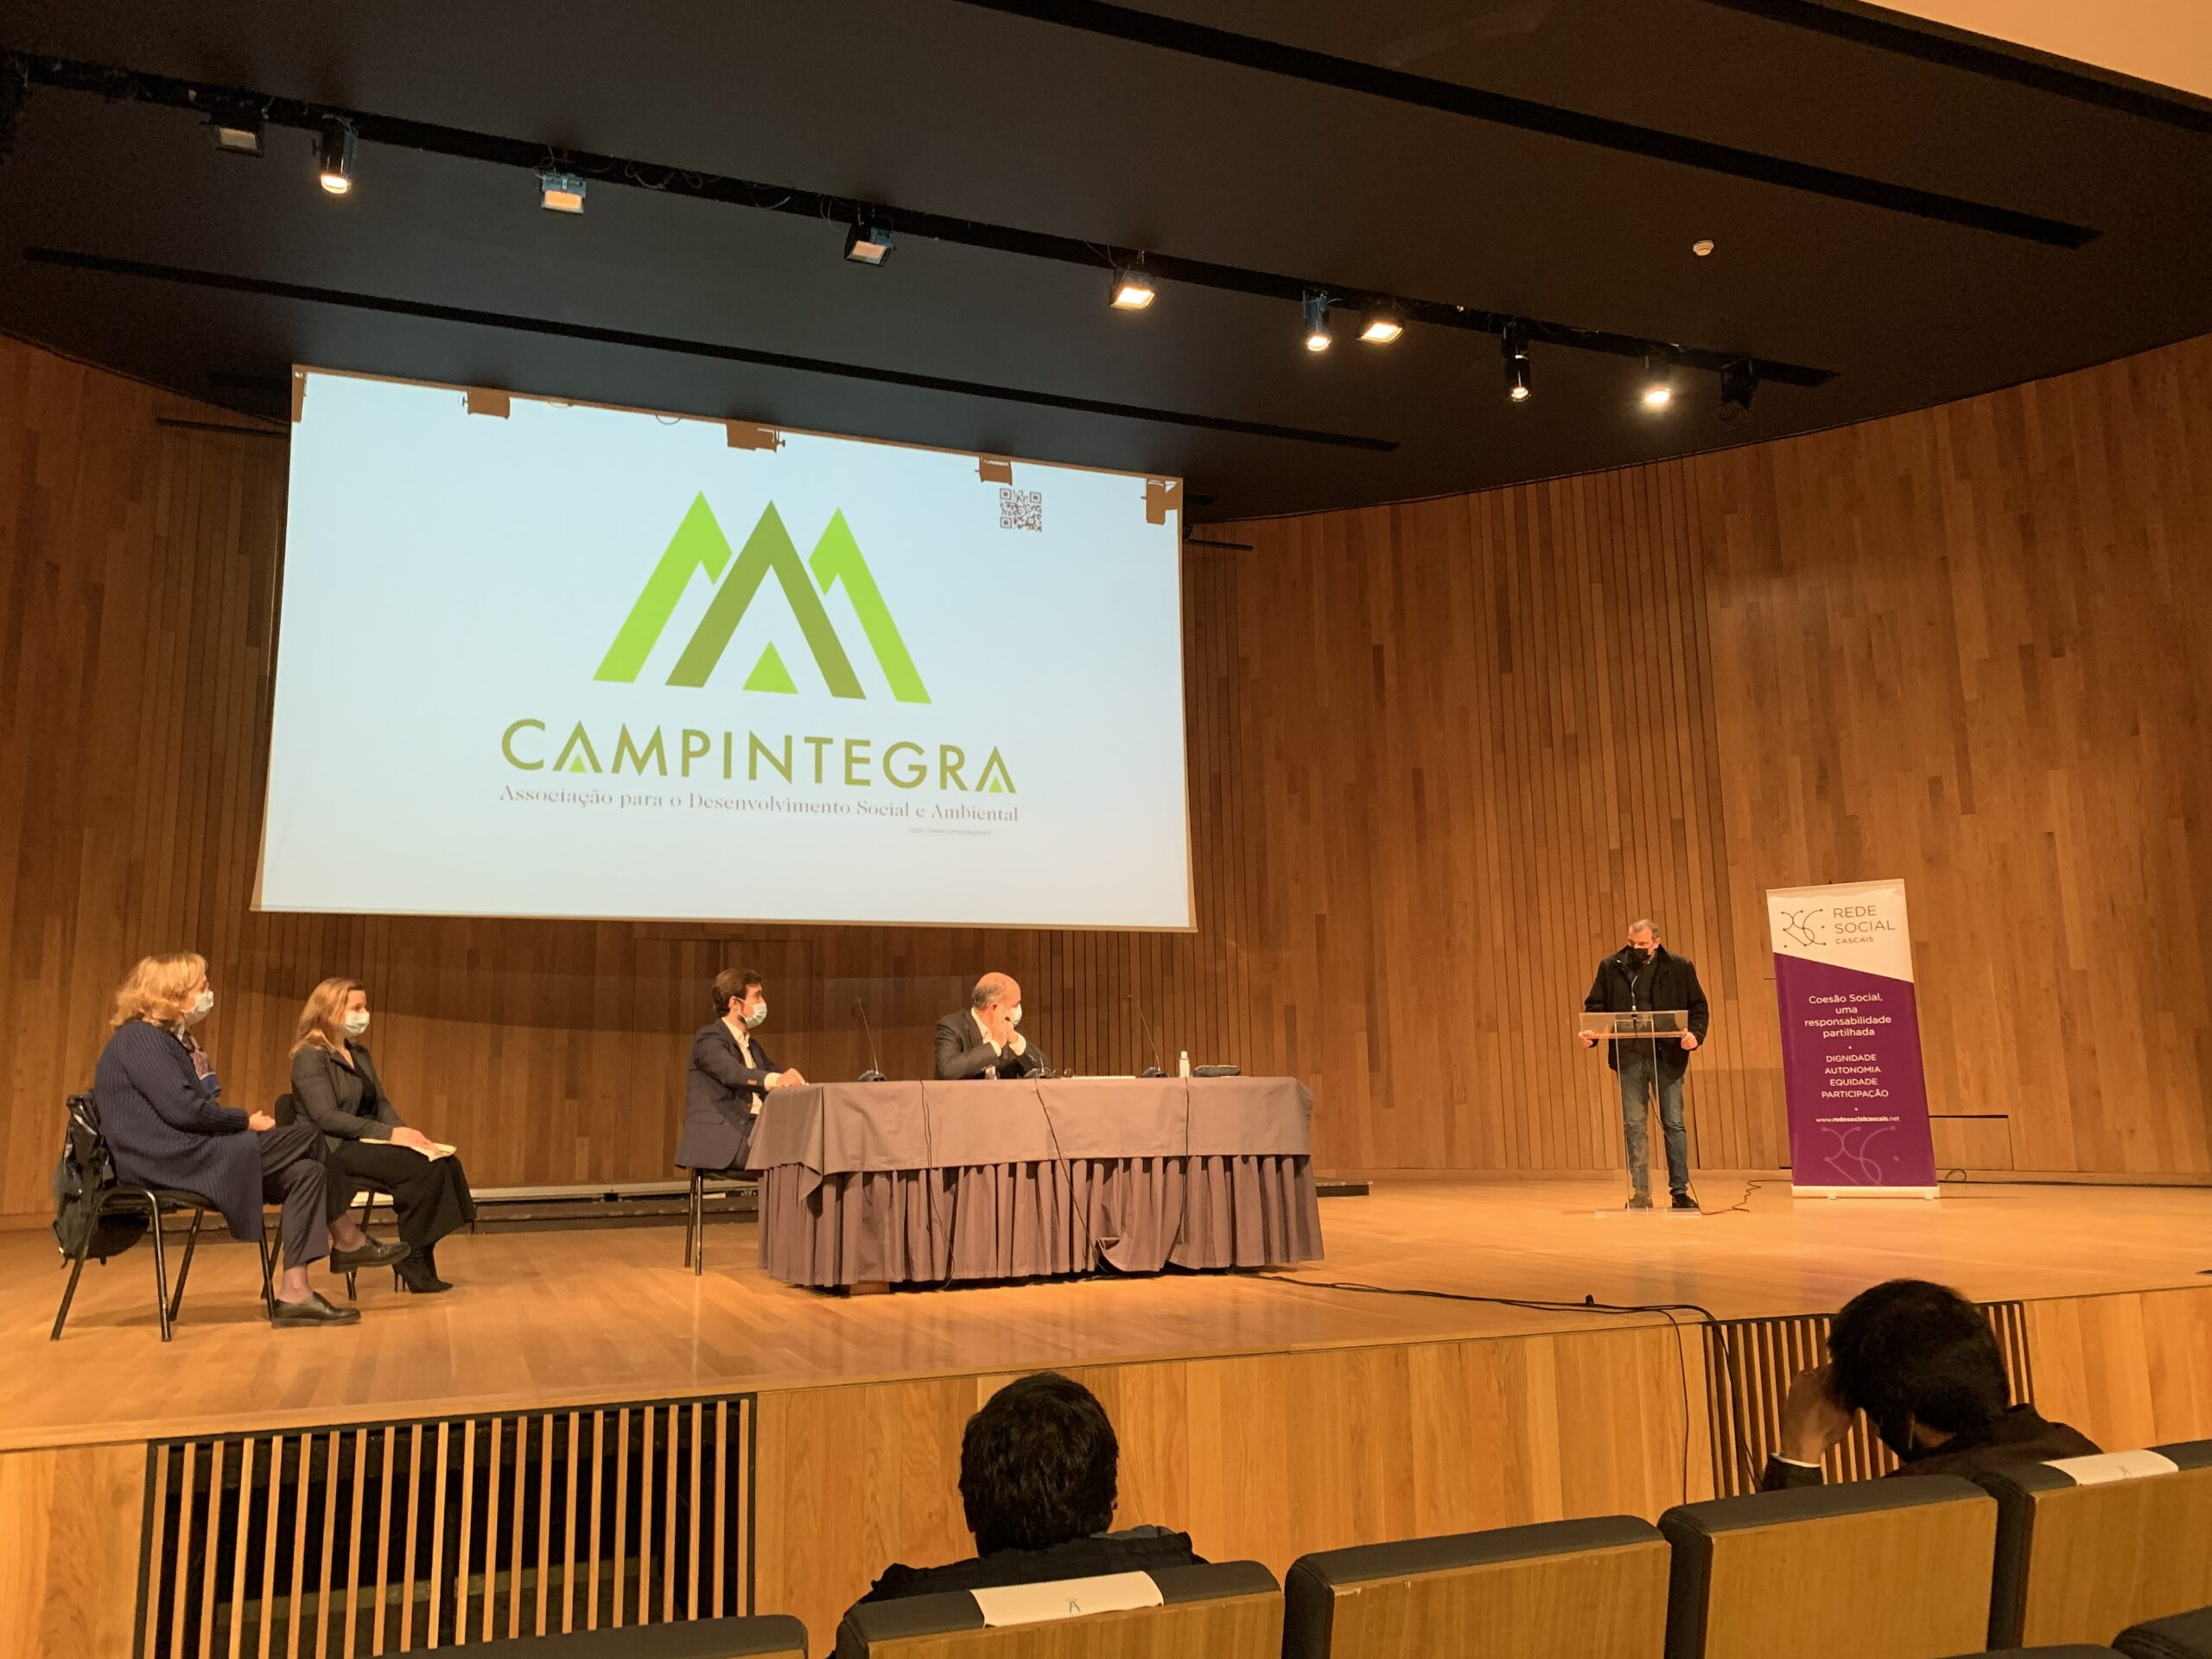 Membro da Campintegra apresenta a organização recém aderente à Rede Social Cascais